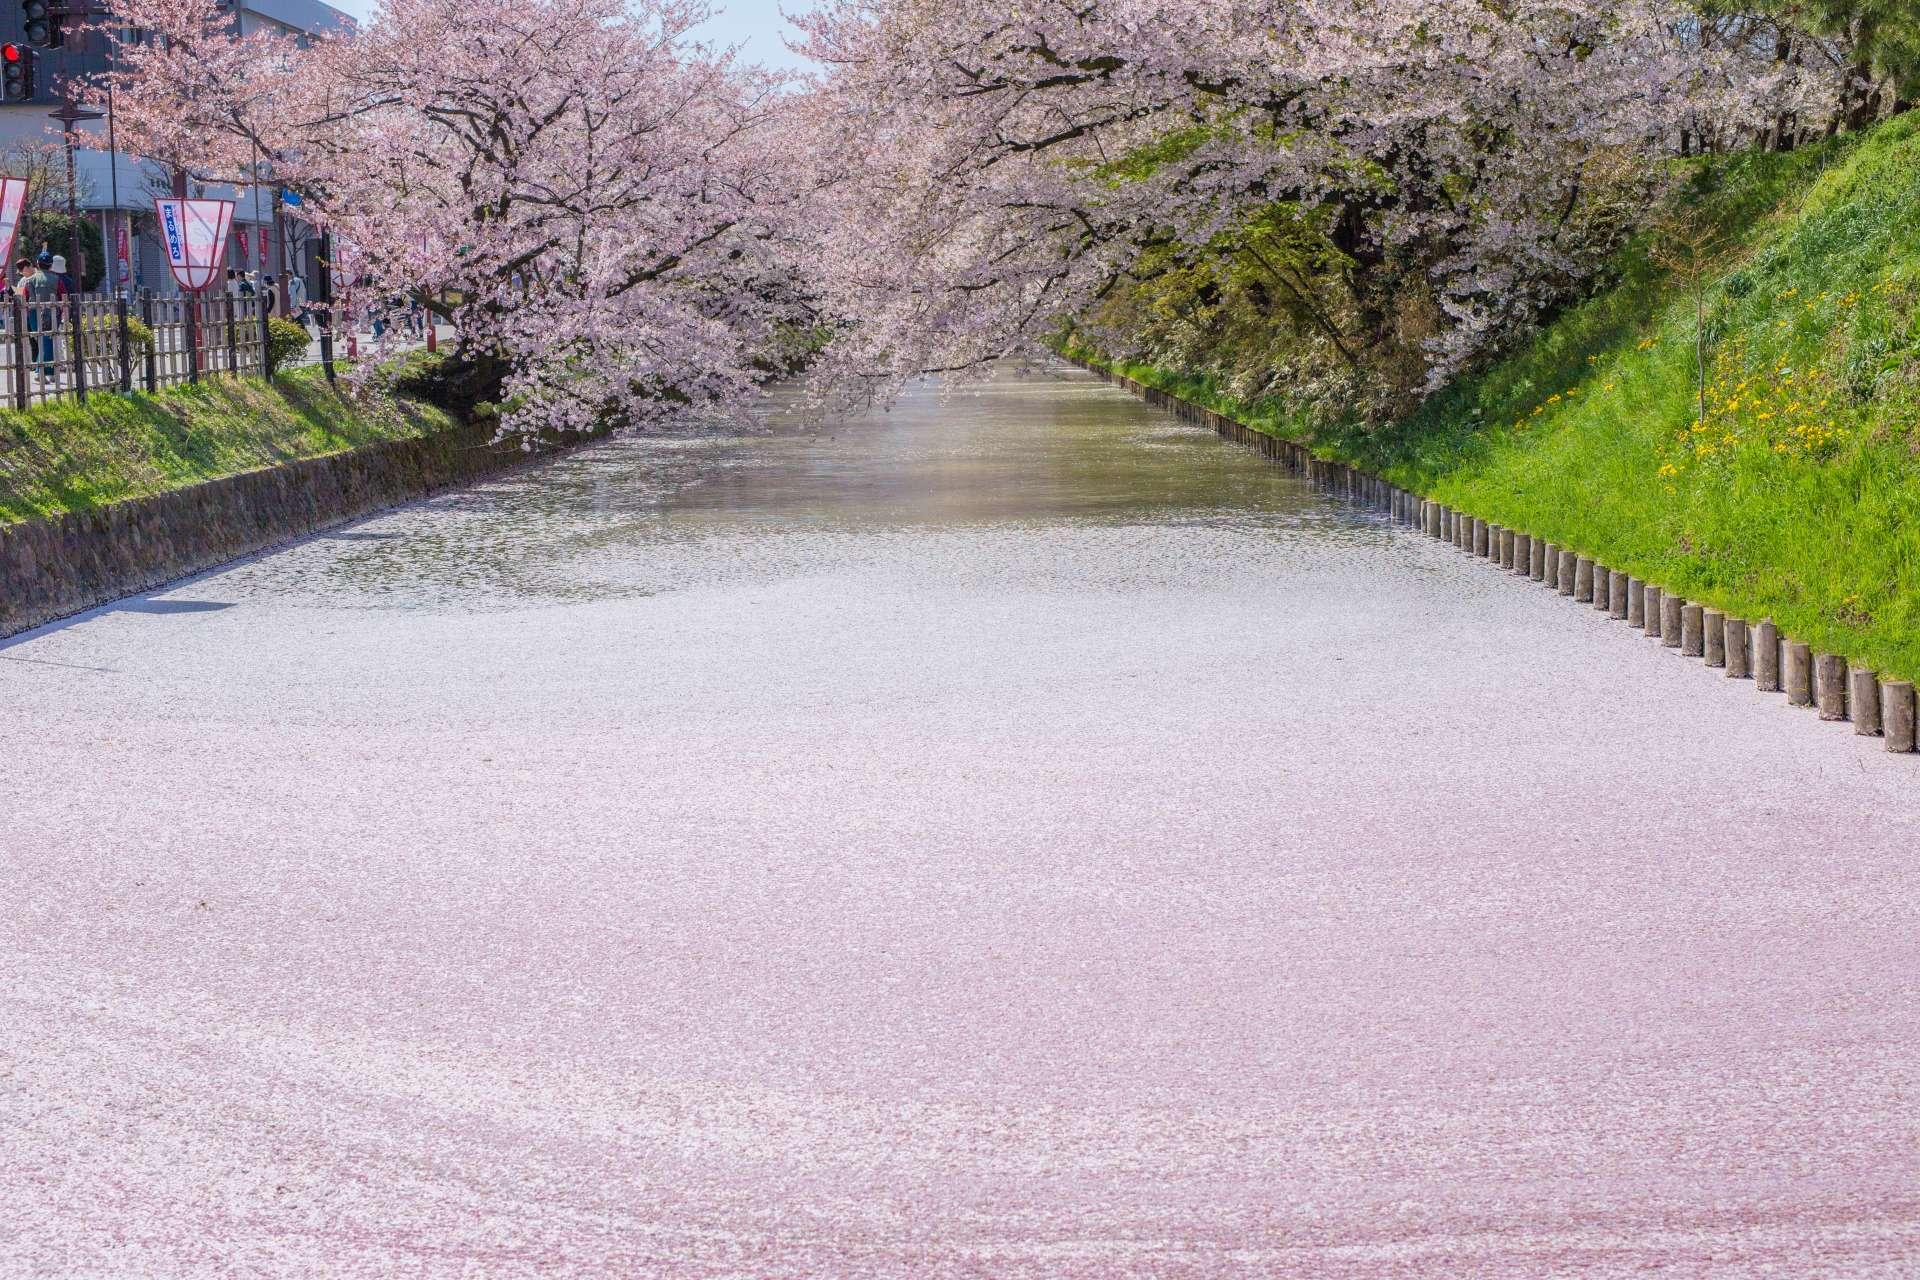 落下的花瓣將水面染成了粉紅色